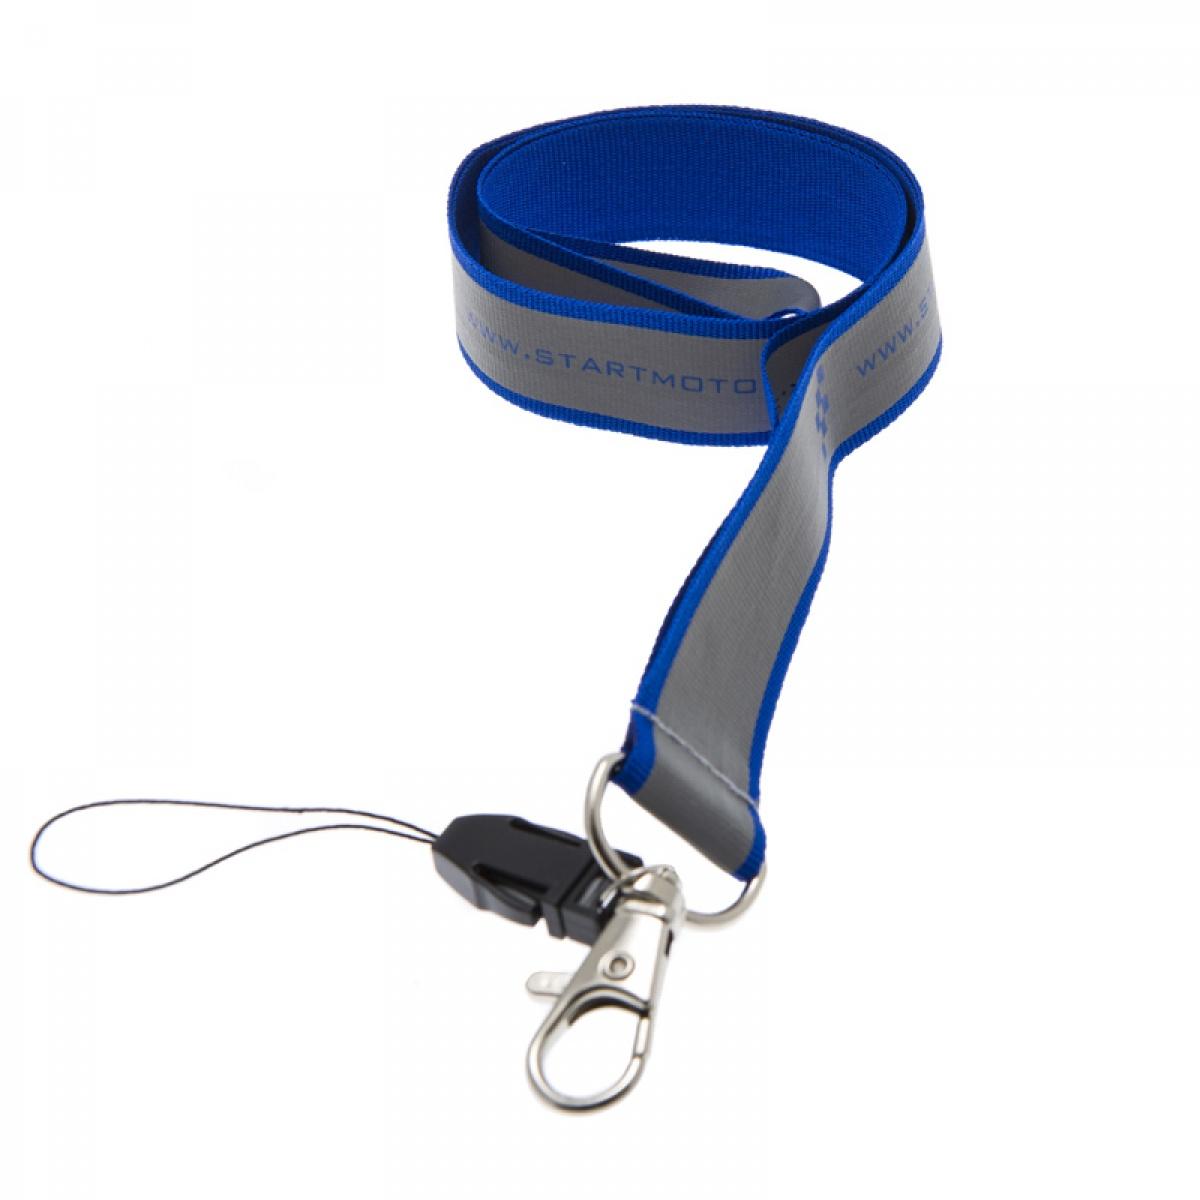 Reflexnyckelband med tryck från 3 6eddc5df1498d